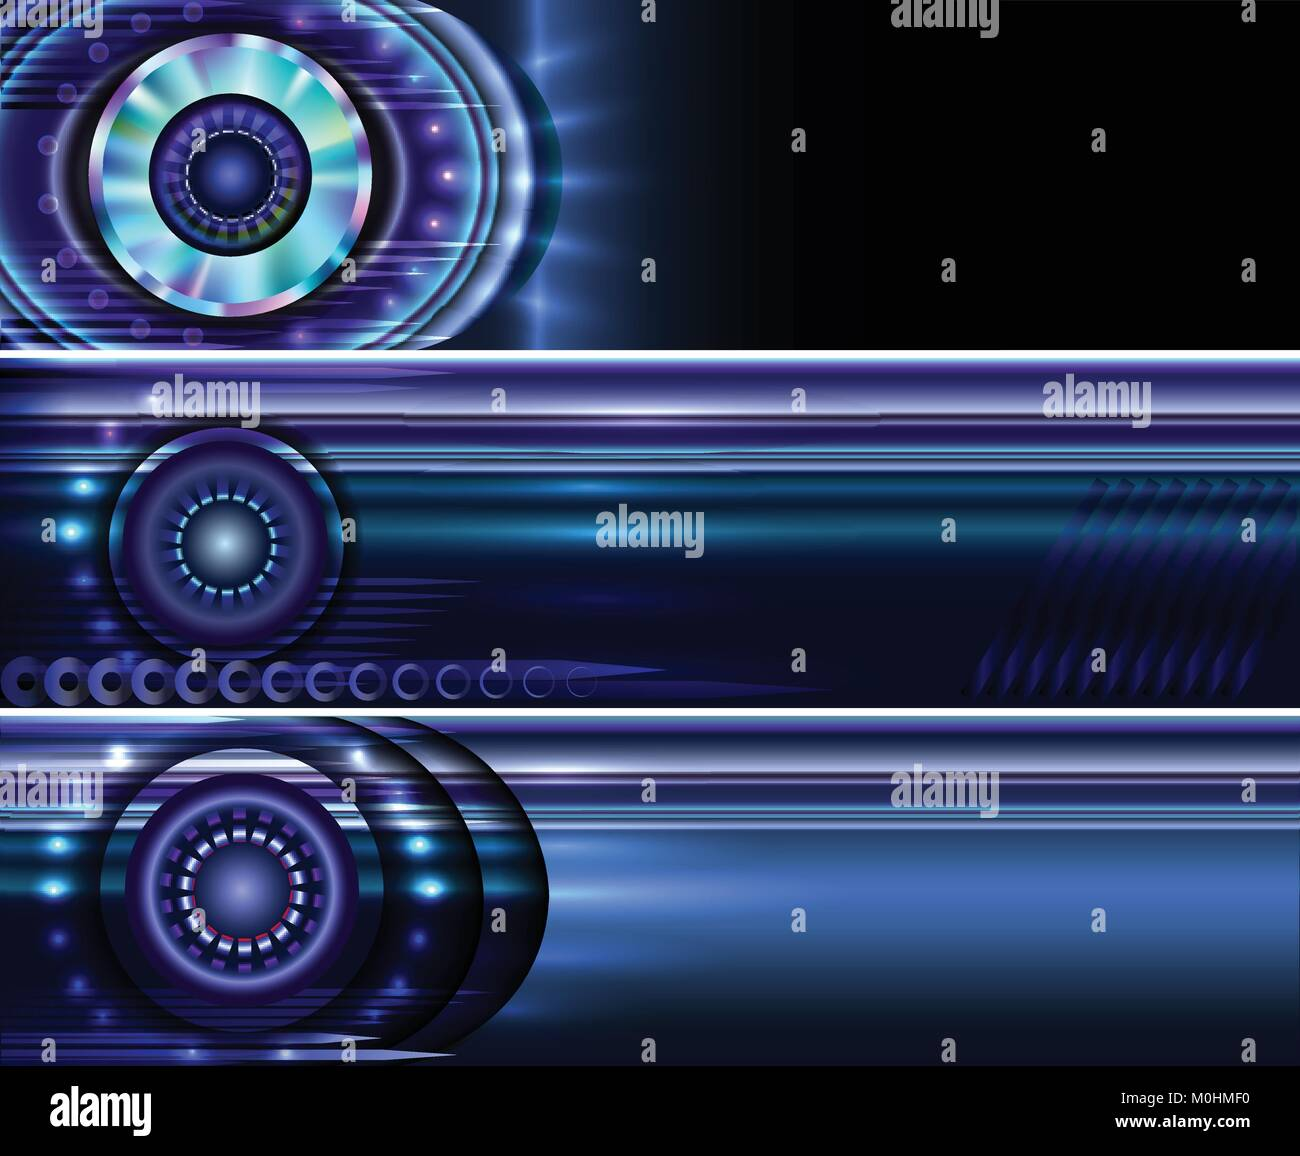 Abstrakte vektor Technologie Website Banner Hintergründe Vorlagen Stockbild